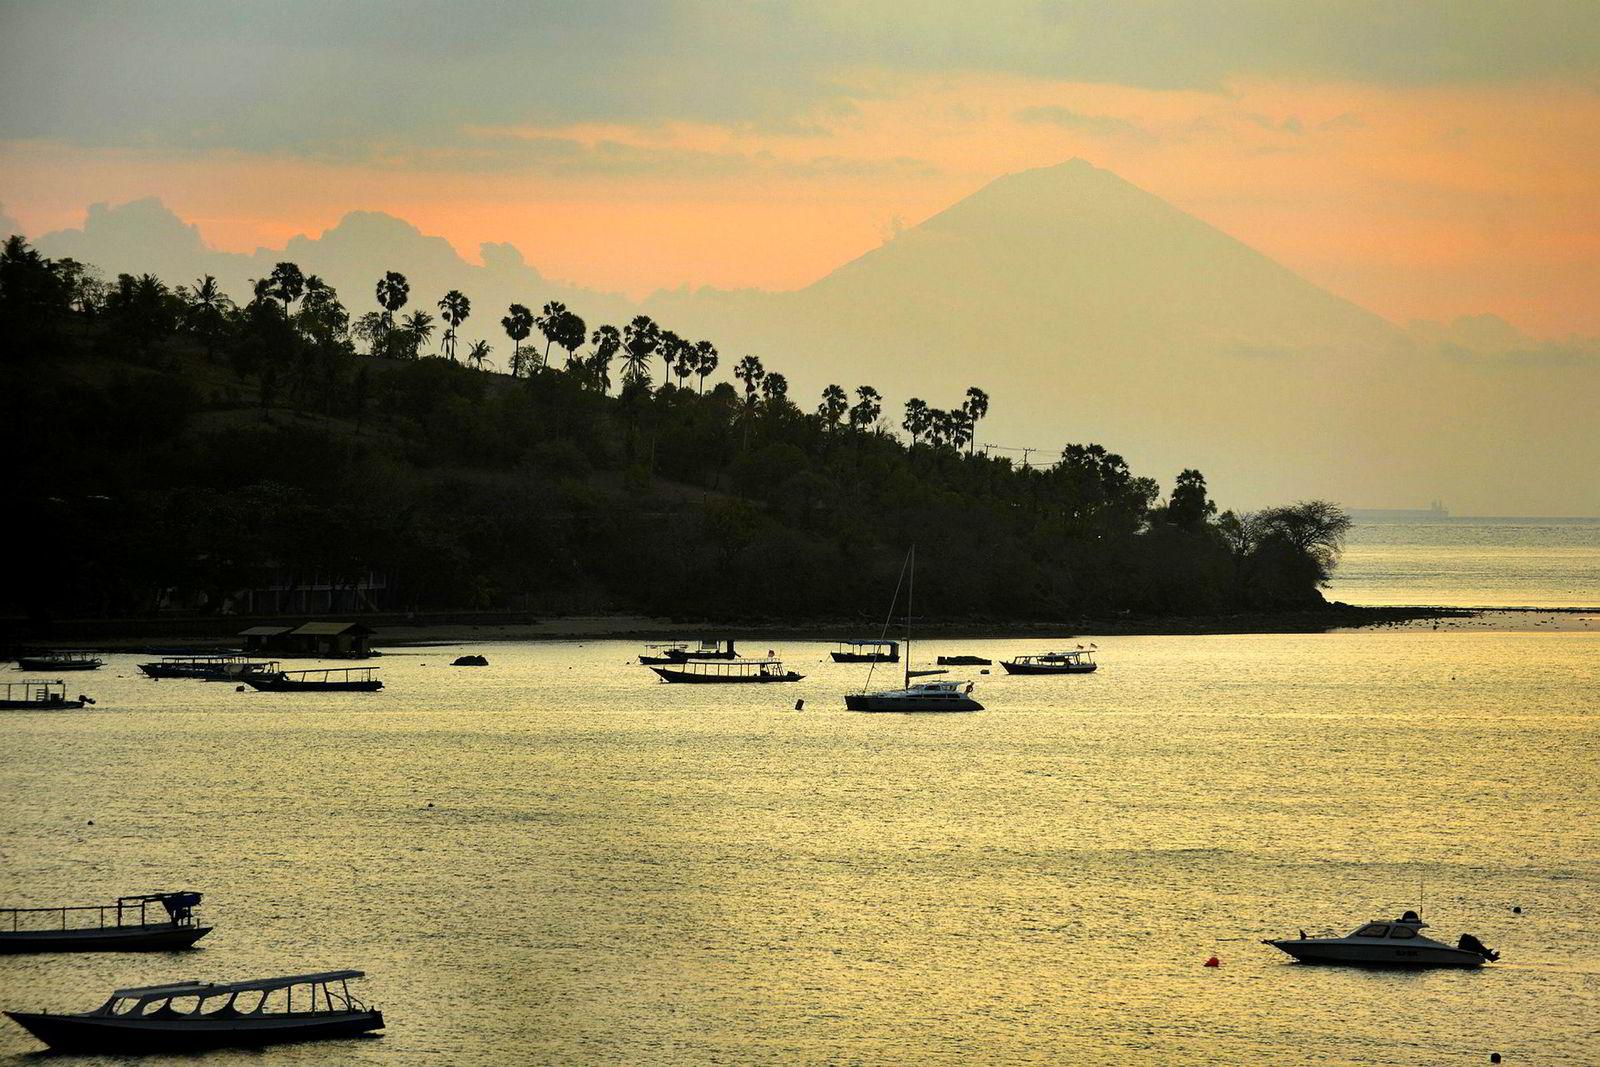 Leiebåter for turister er strandet etter flere jordskjelv har rammet havnen Teluk Nare på øya Lombok. To dødelige skjelv på den indonesiske øya har fått katastrofale følger for turismen i området, om er blitt påført massive kostnader etter titusener av hjem og bedrifter er blitt ødelagt.